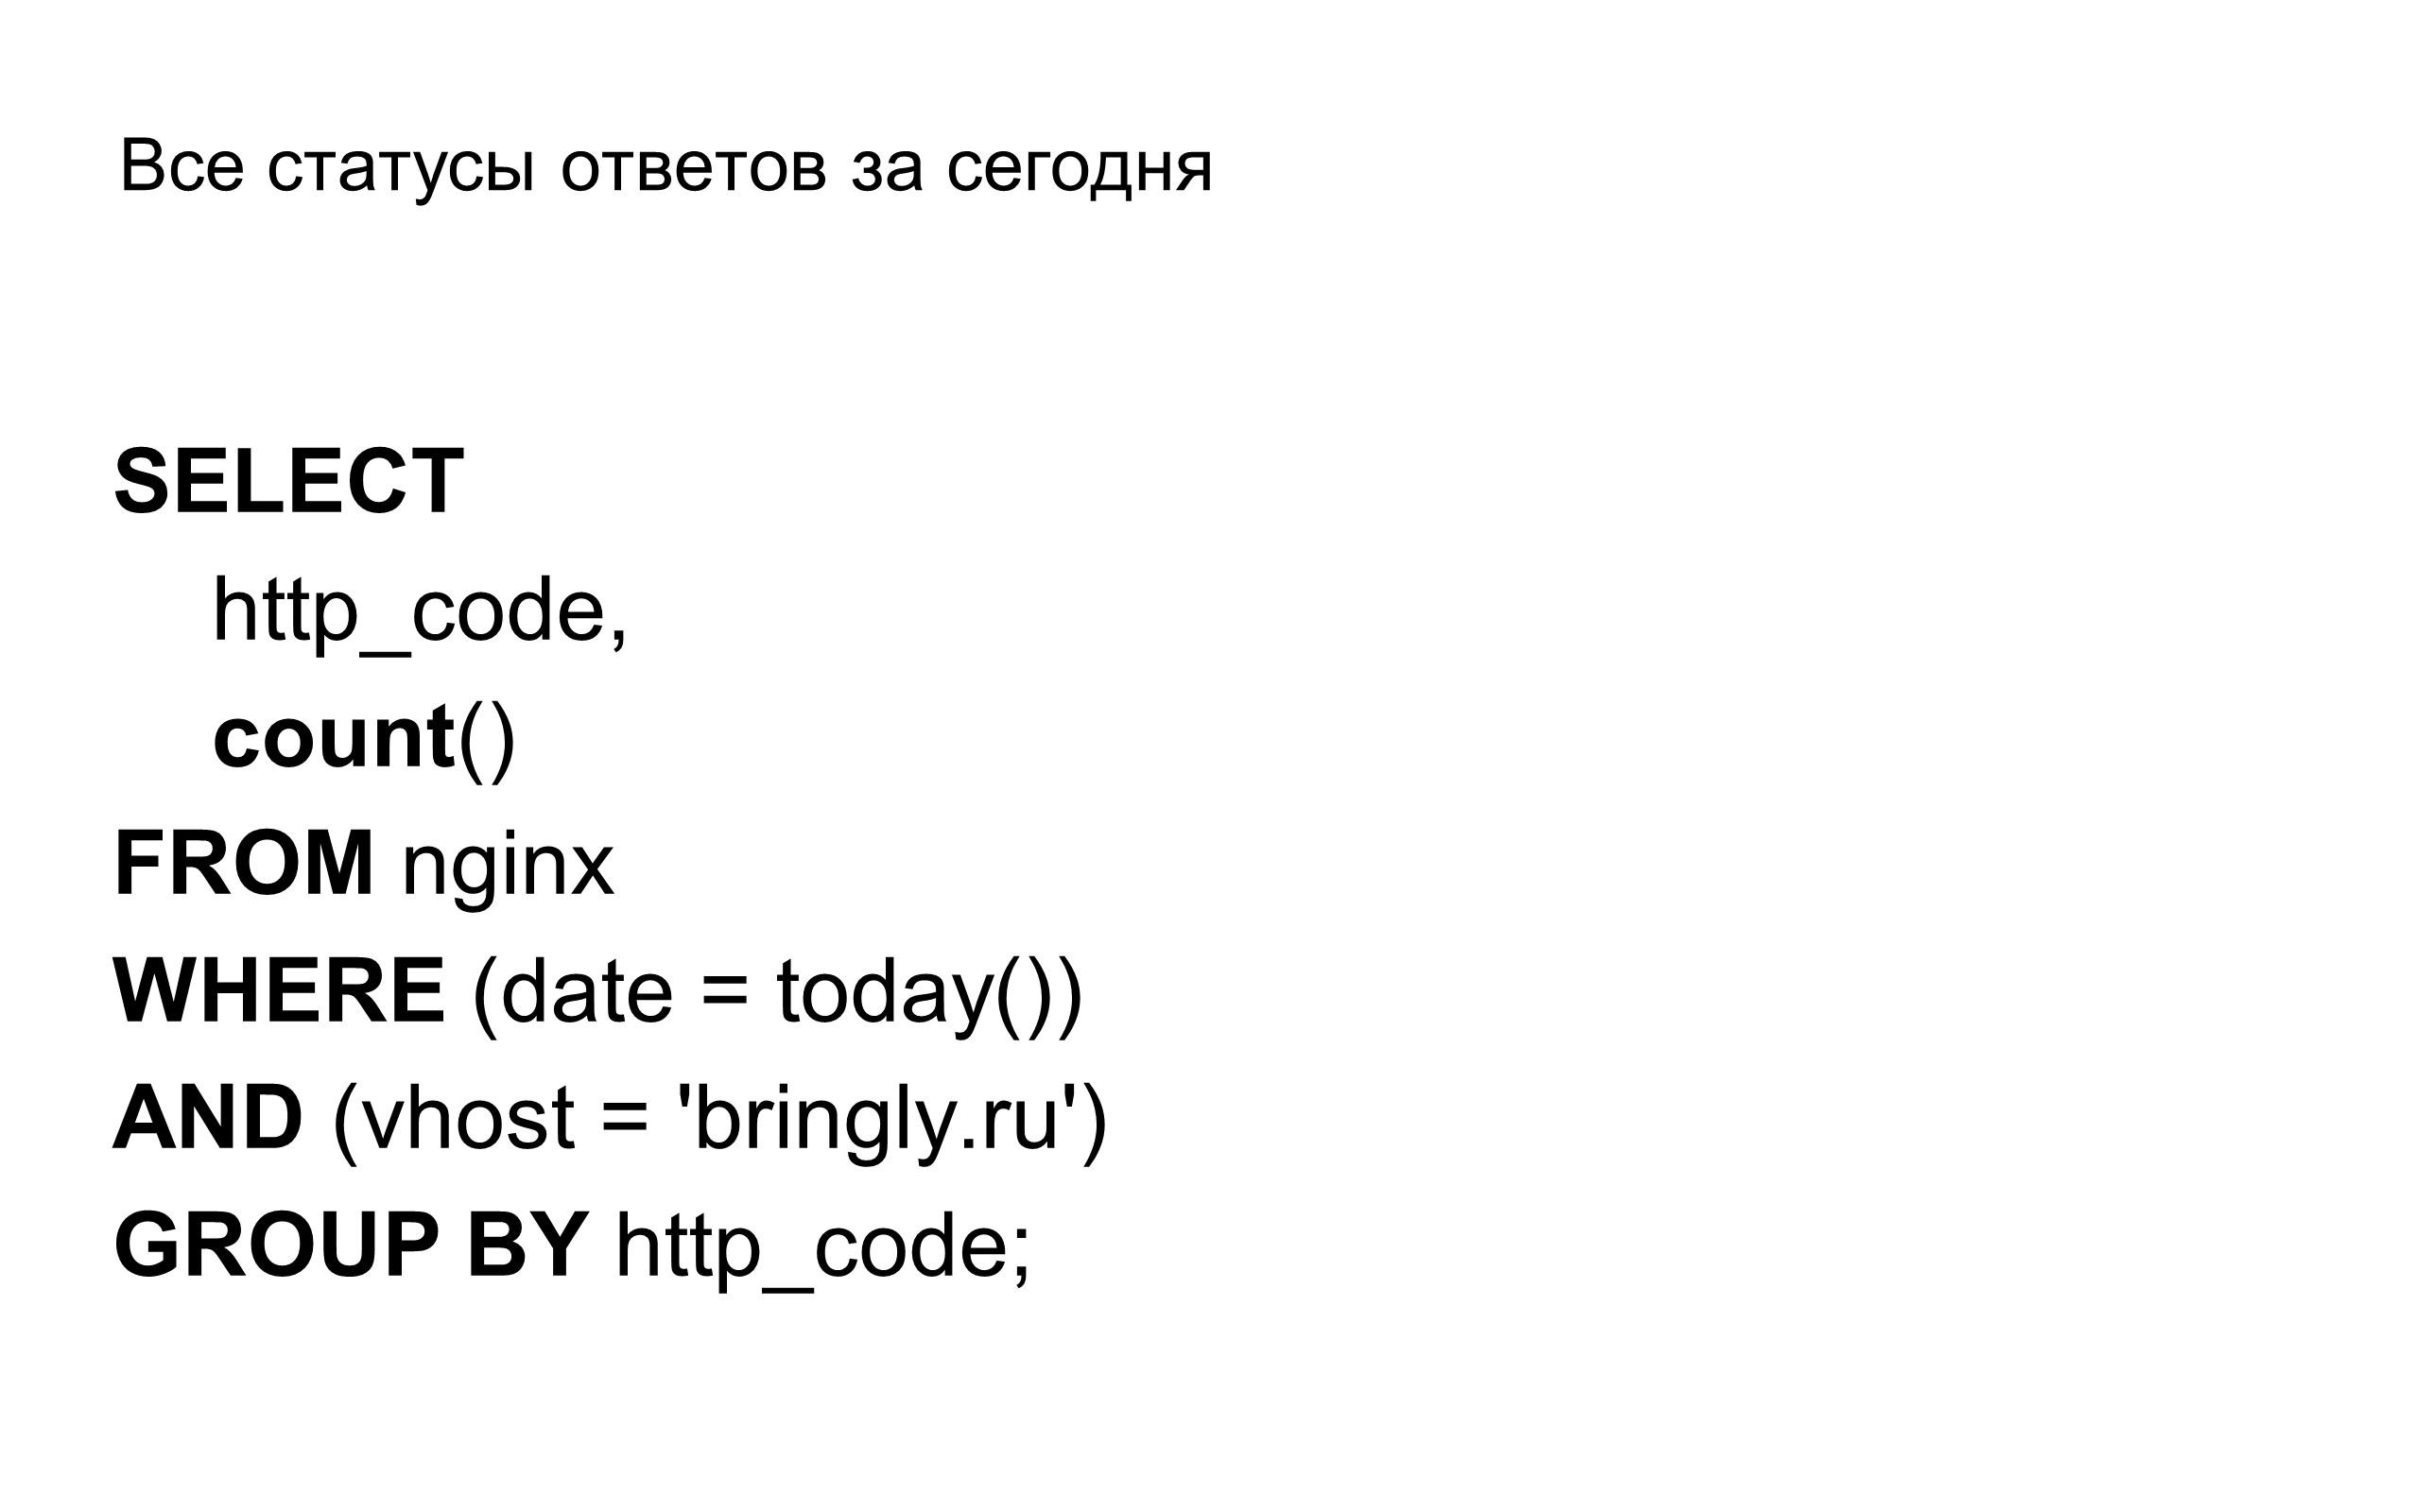 Логирование и трассировка запросов — лучшие практики. Доклад Яндекса - 18